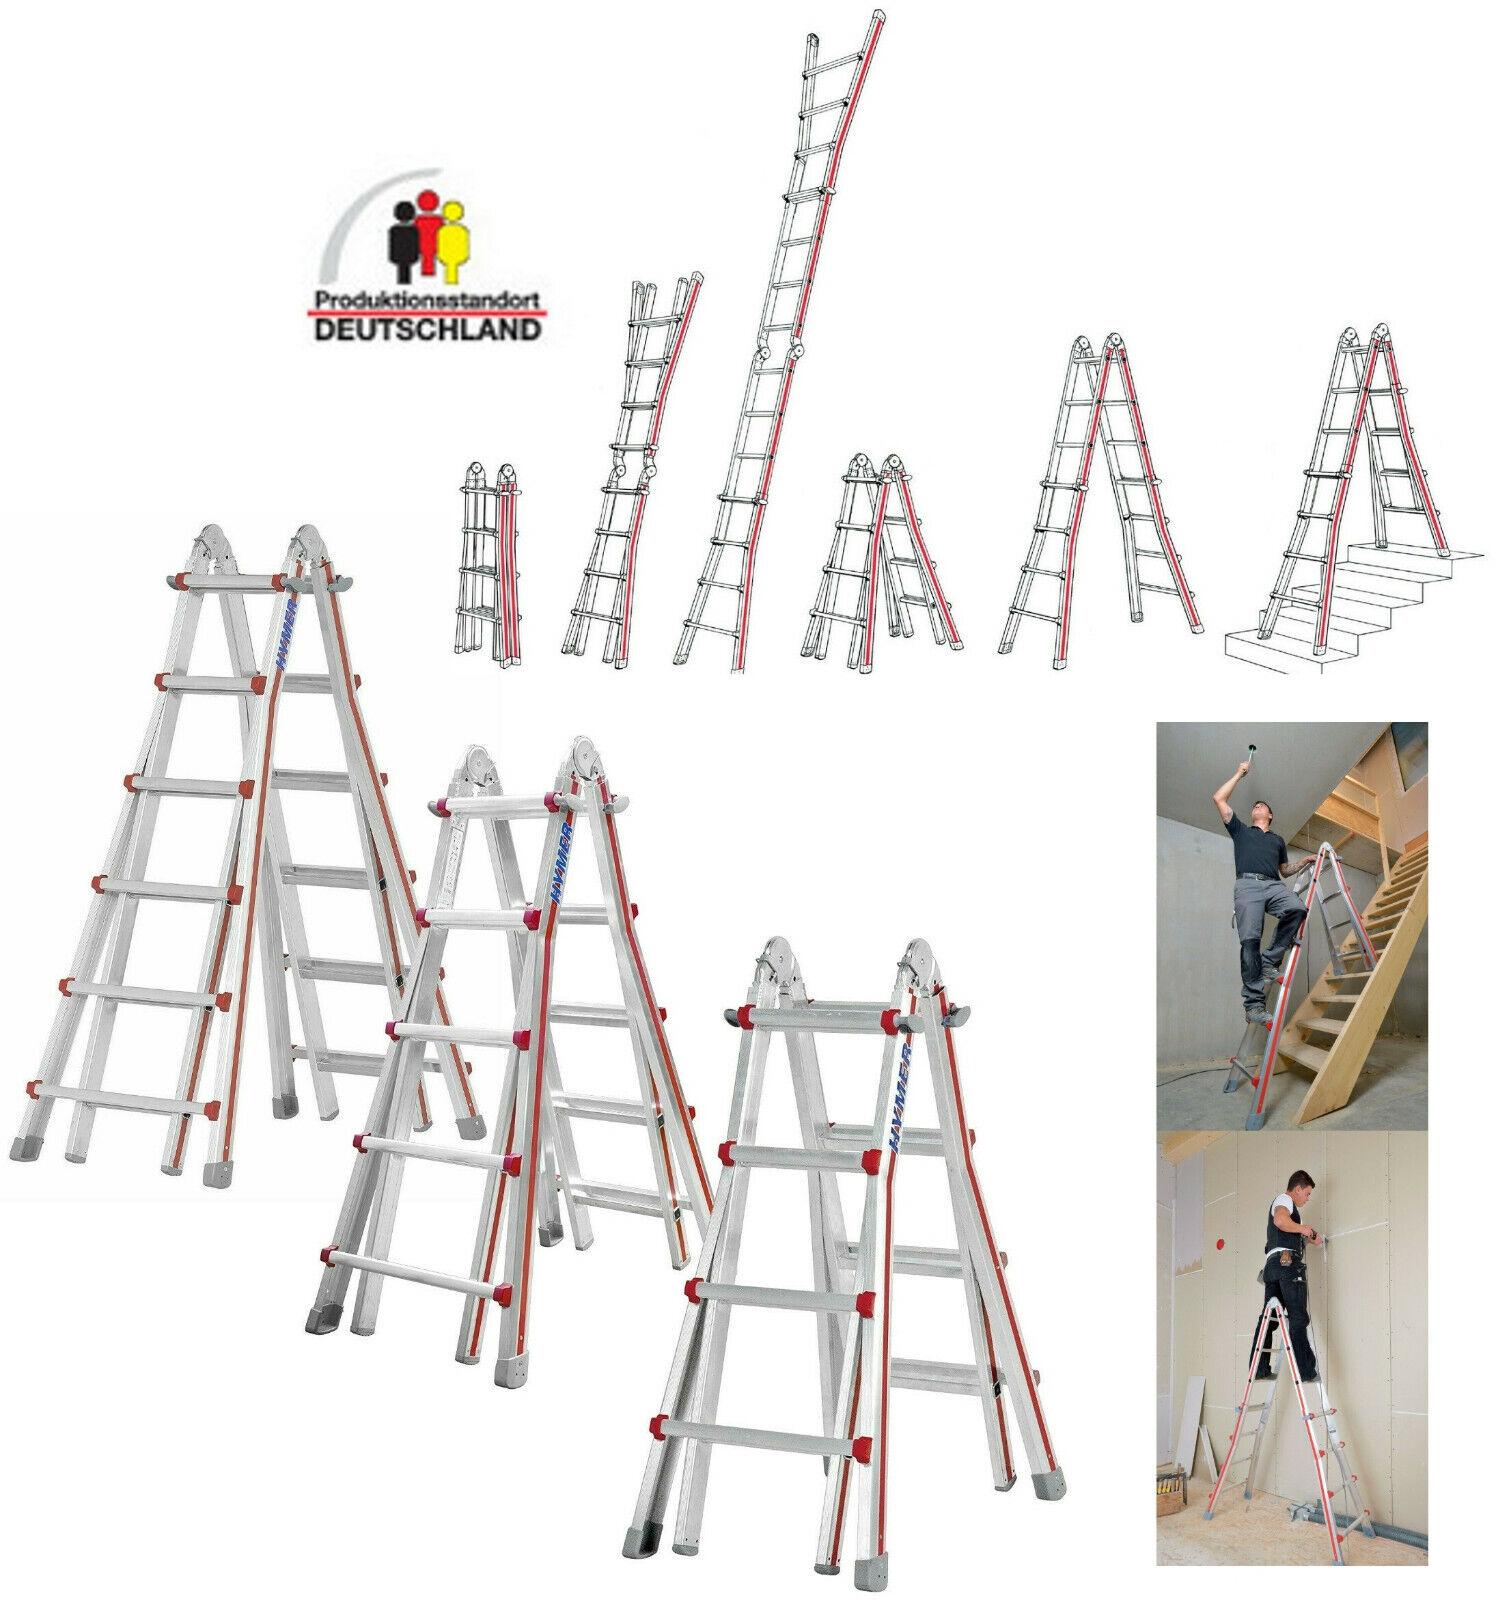 Hymer Alu Teleskopleiter Treppenleiter Anlegeleiter Mehrzweckleiter 4x4 4x5 4x6m